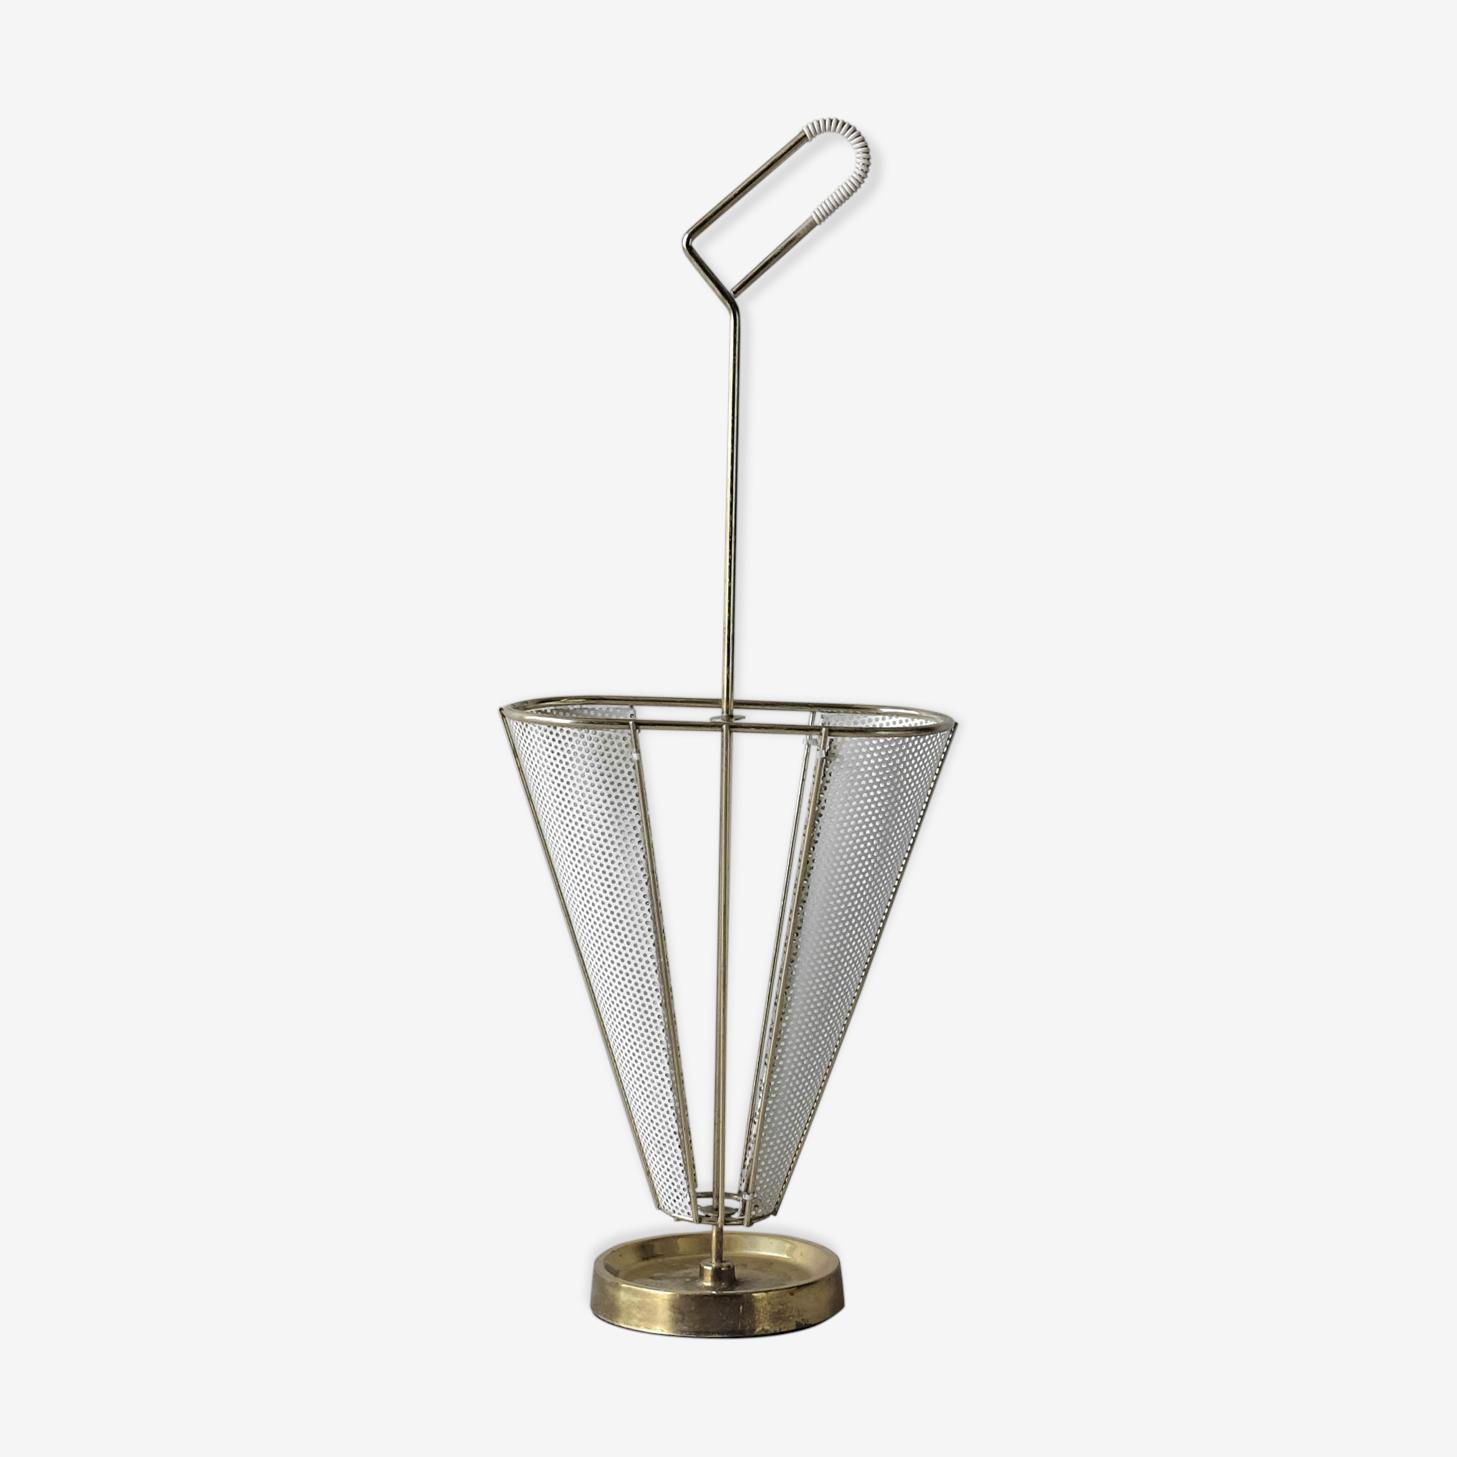 Umbrella door brass and rigitulle-years 50